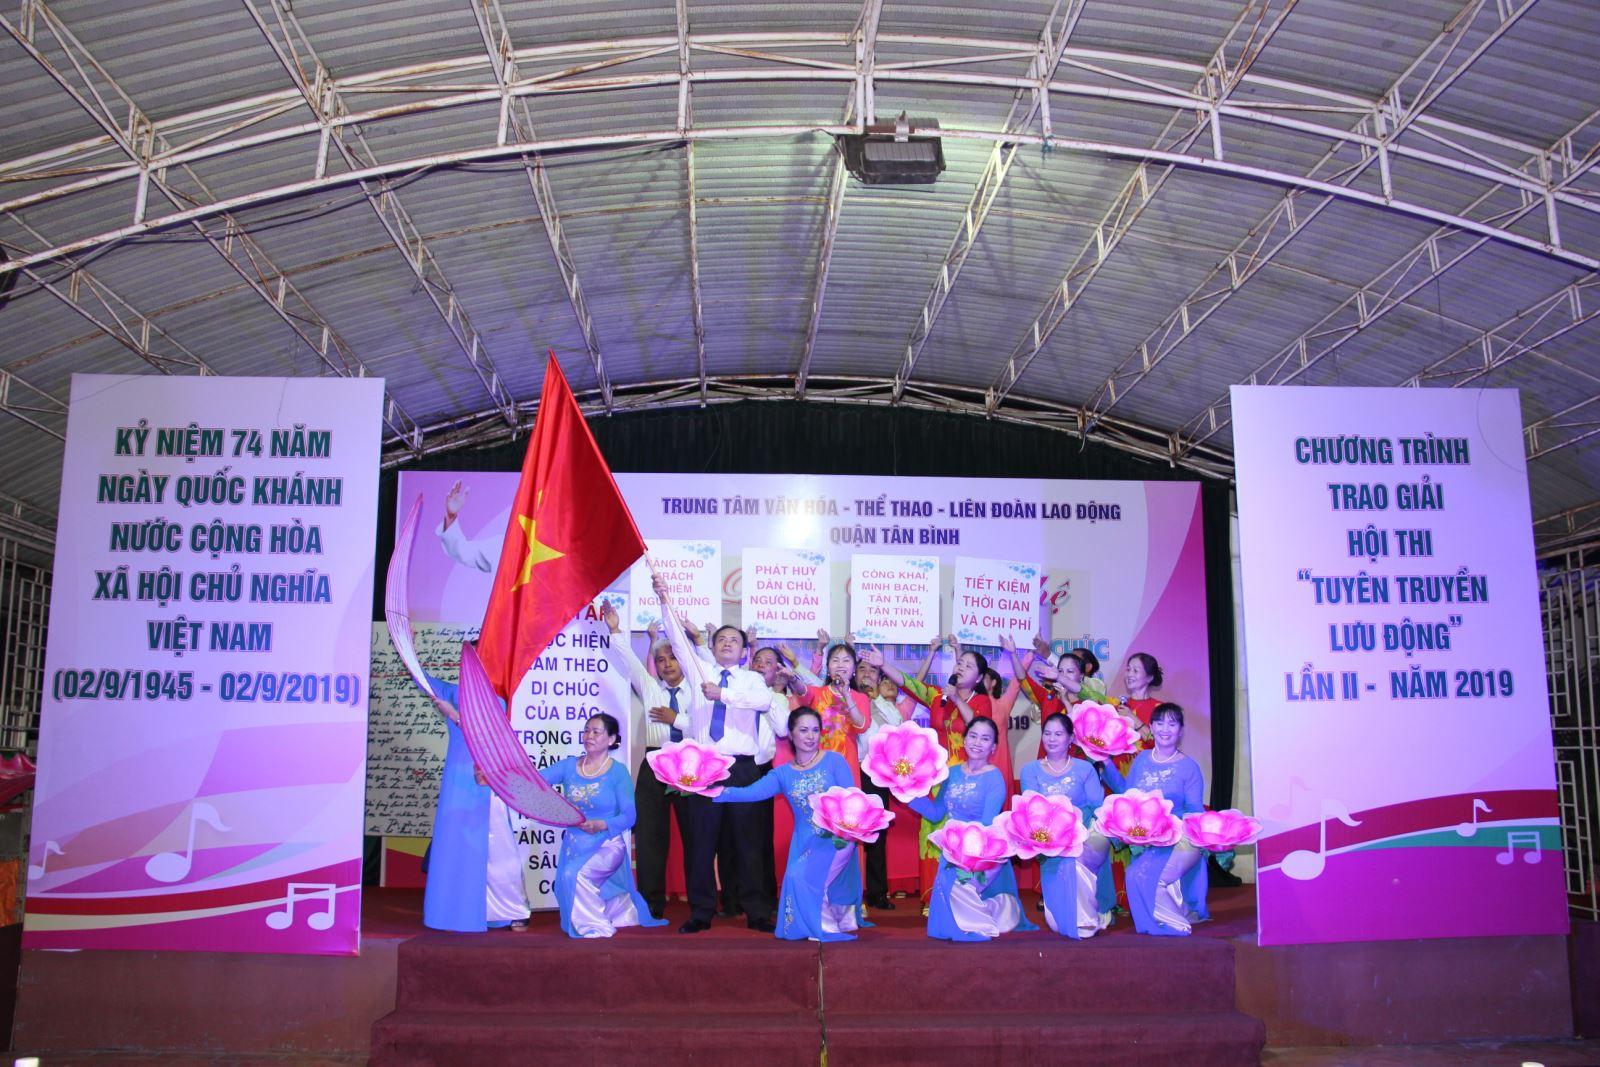 Tổ chức Đêm văn nghệ tuyên truyền kỷ niệm 50 năm thực hiện Di chúc Chủ tịch Hồ Chí Minh (1969-2019)